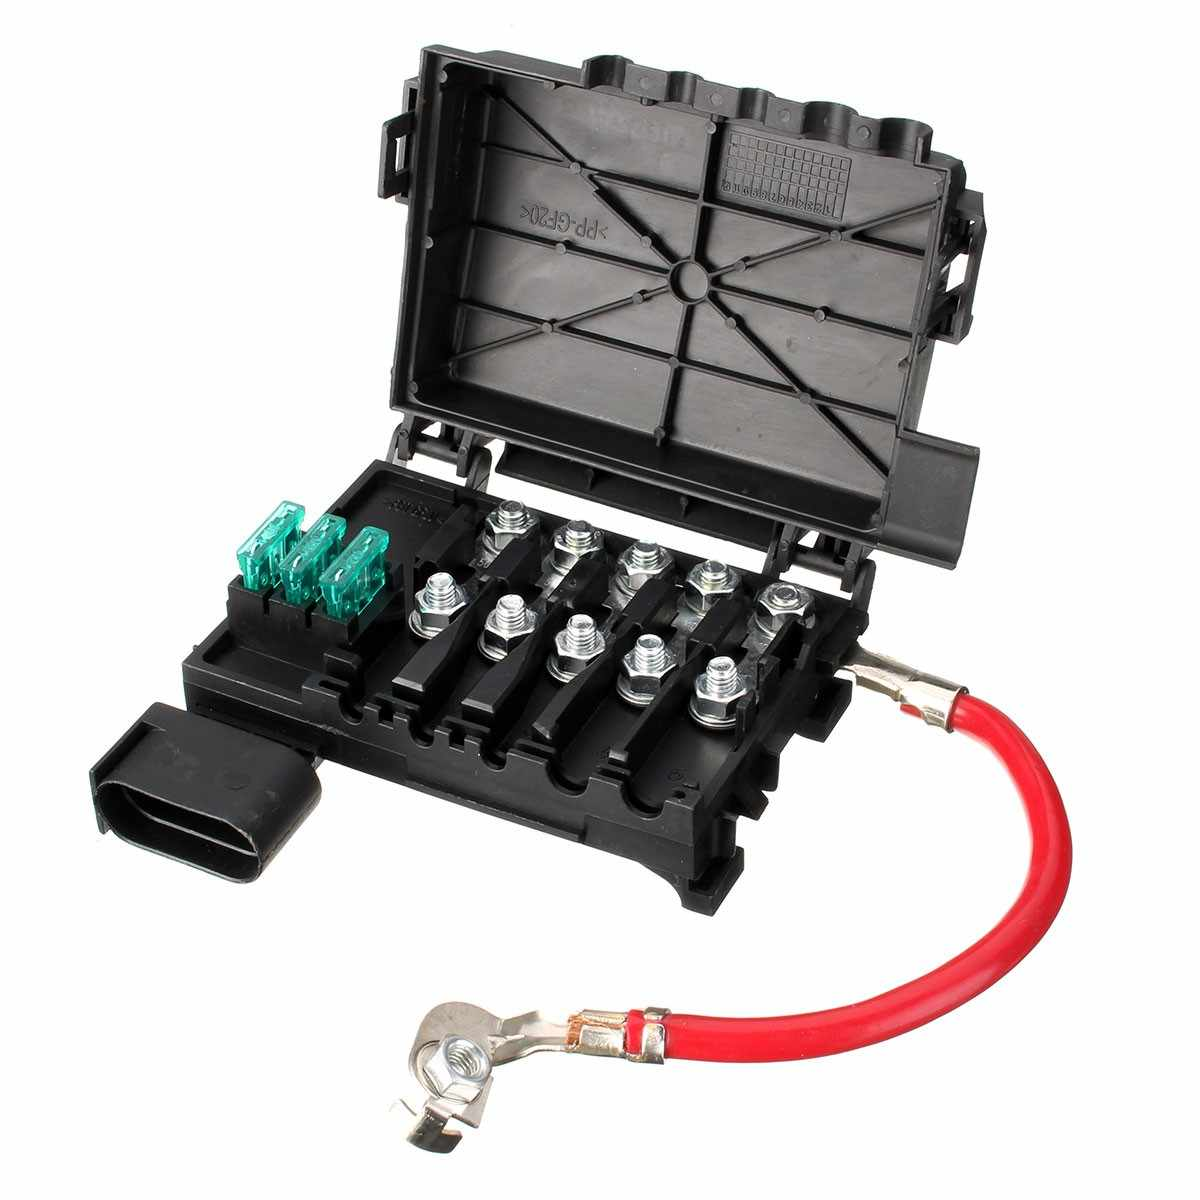 hight resolution of new fuse box for vw beetle golf jetta 1j0937617d 1j0937550 1j0937550aa 1j0937550ab ac ad